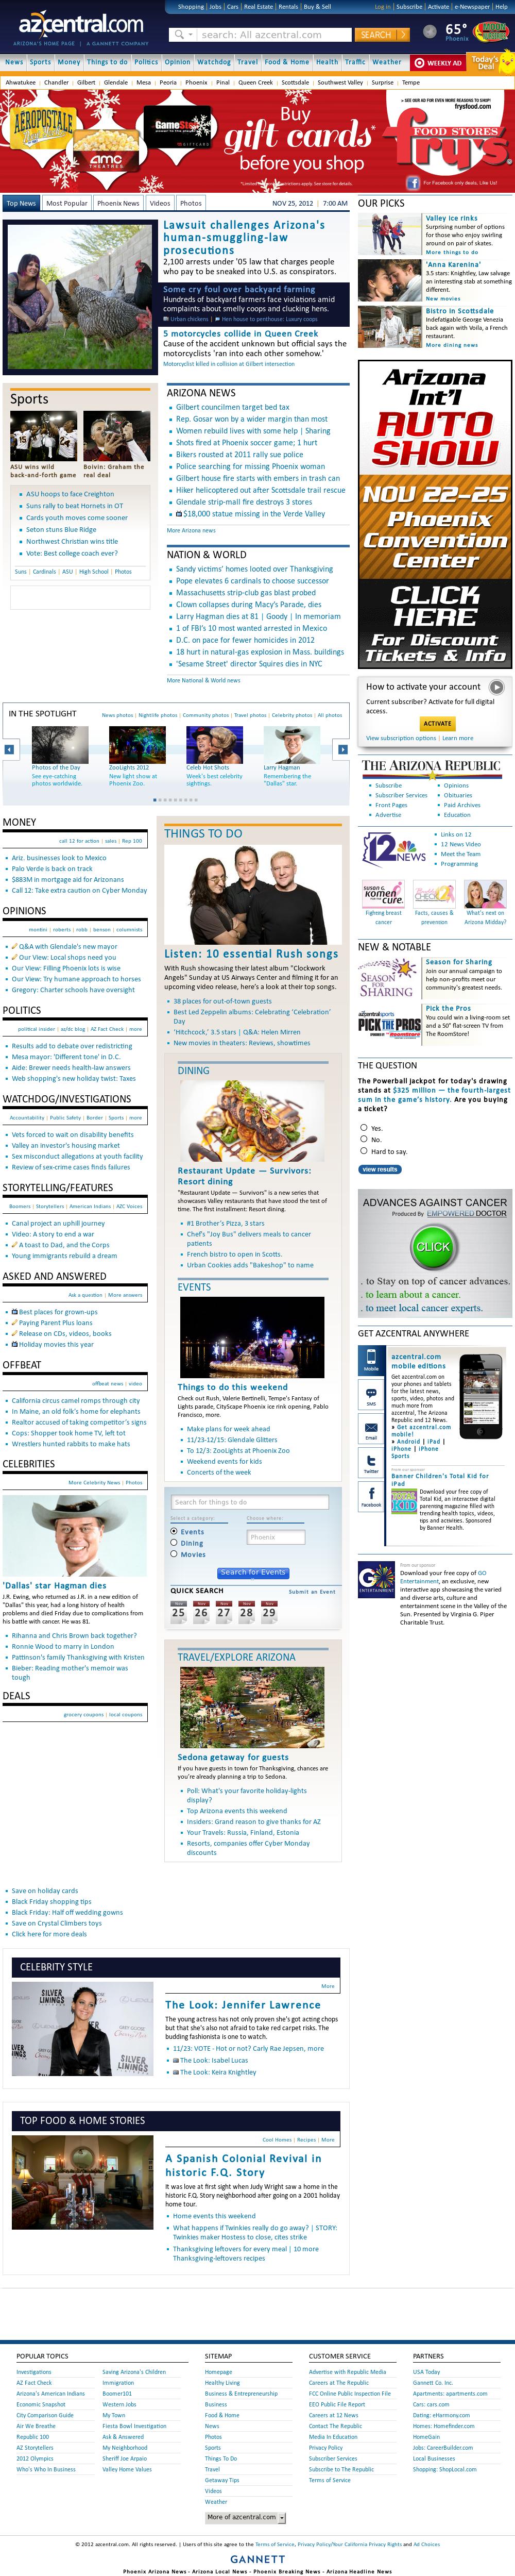 azcentral.com at Sunday Nov. 25, 2012, 7 a.m. UTC